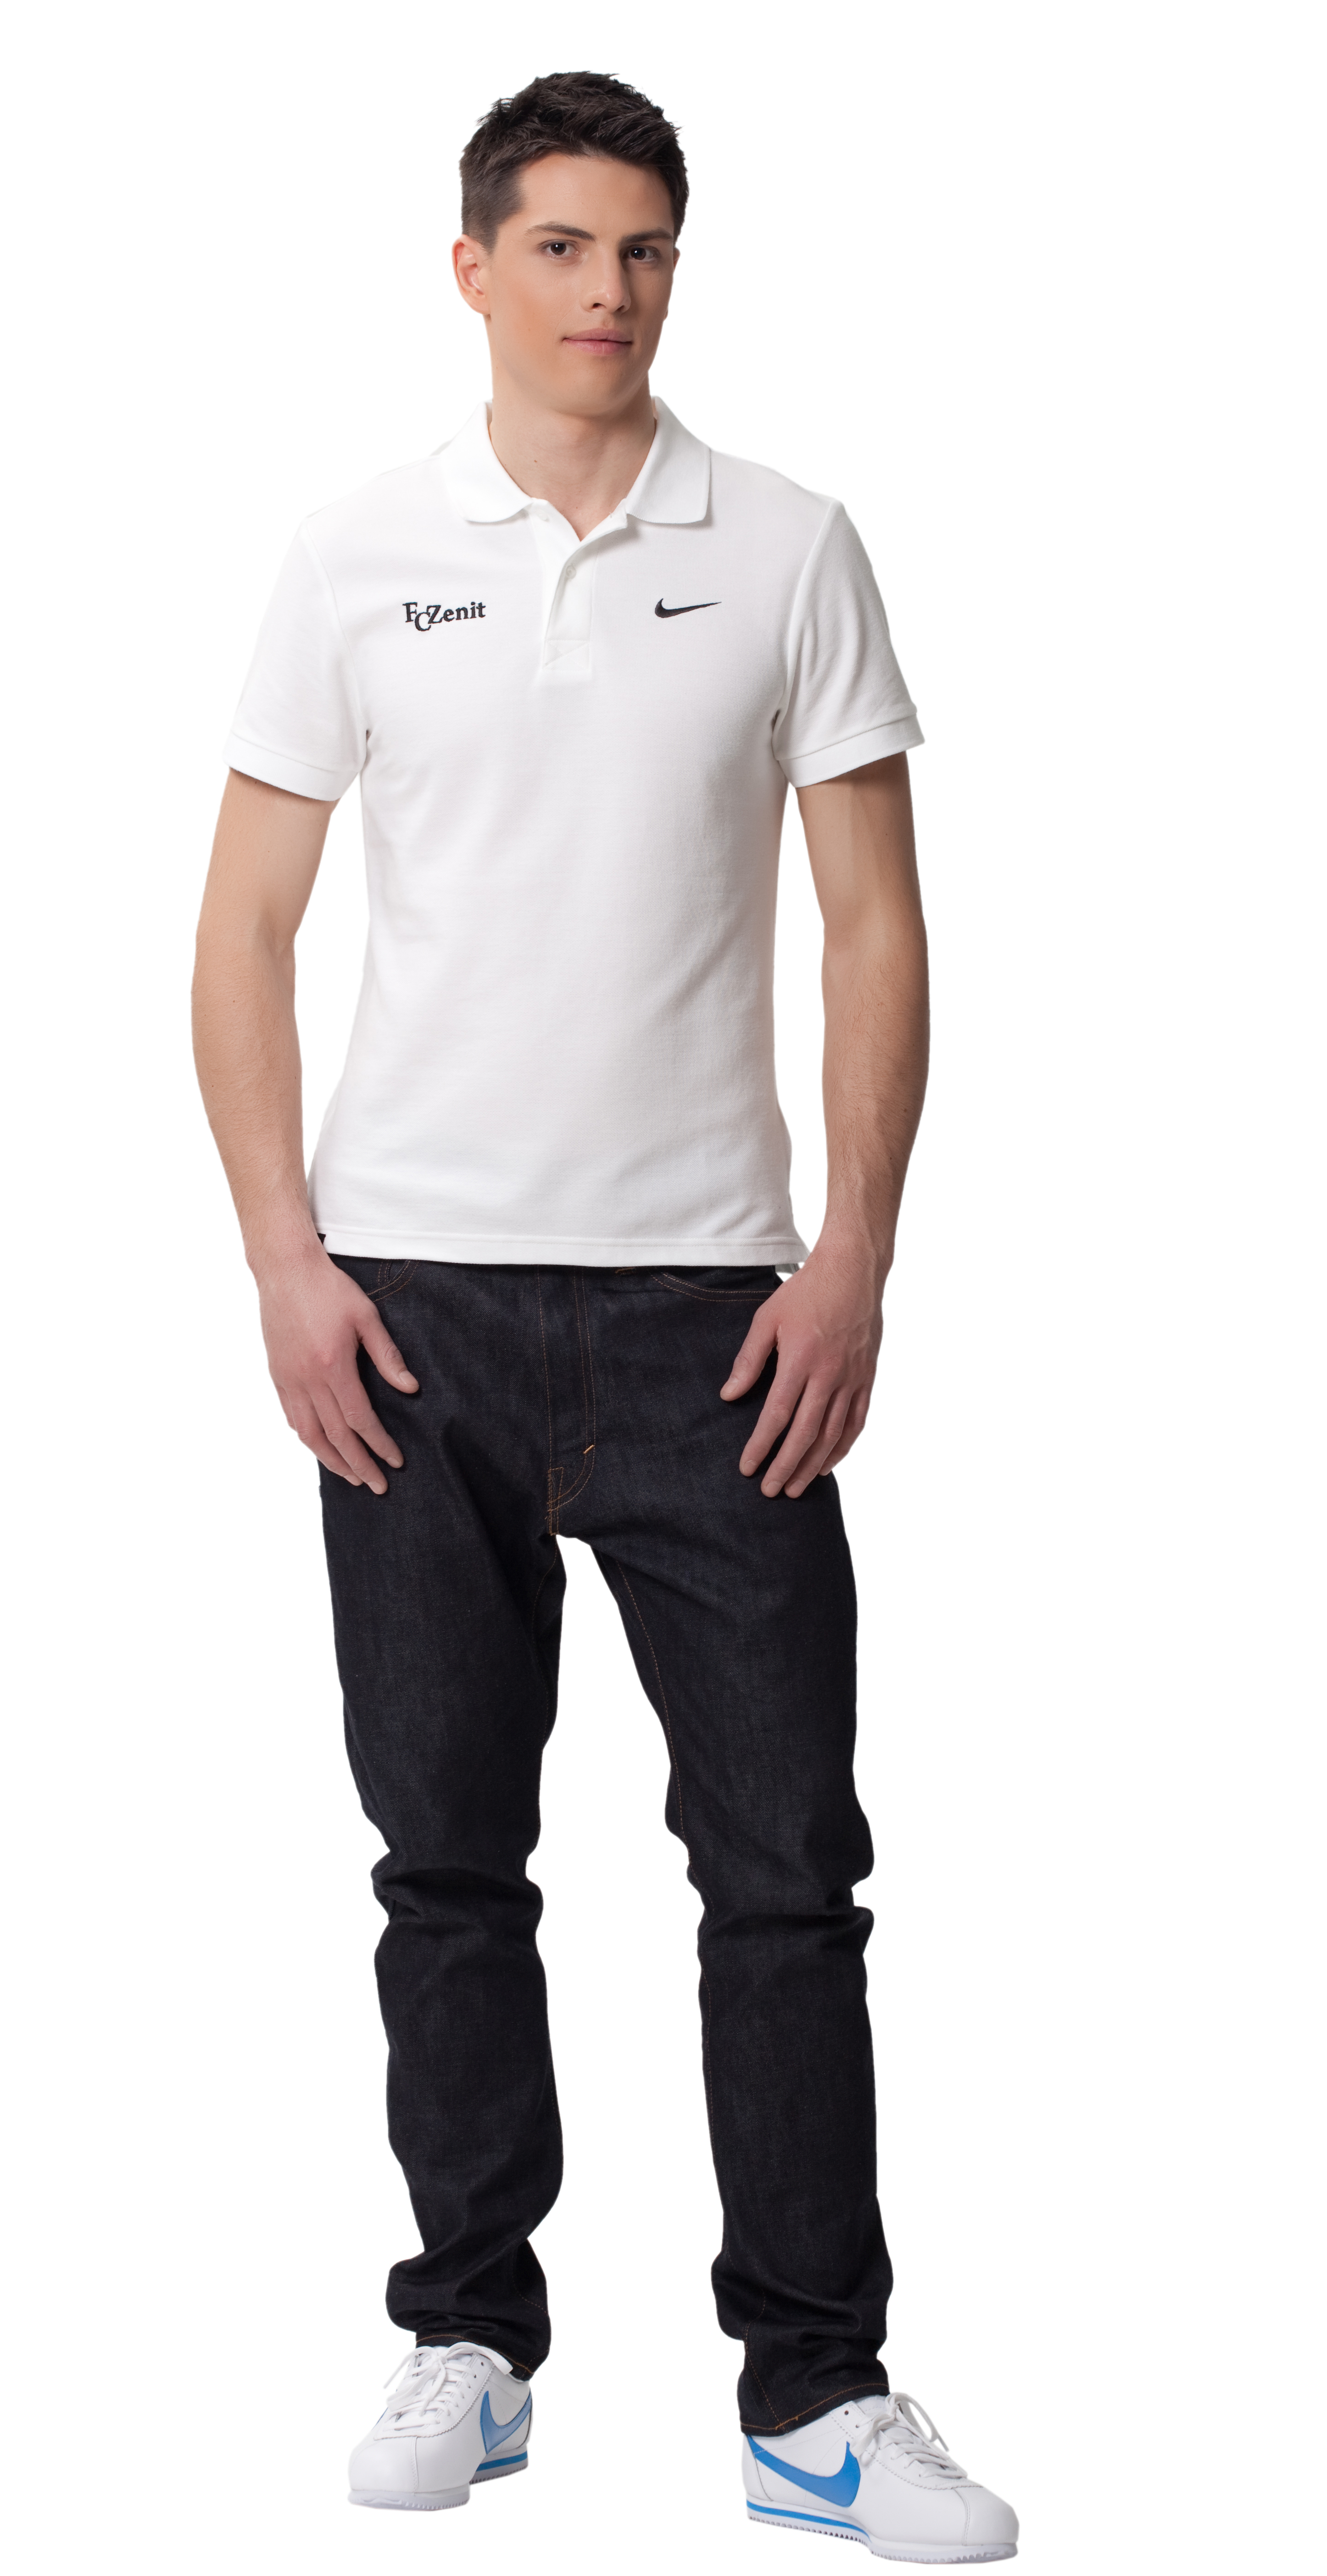 Поло мужское Nike, белый, Цвет-Белый, Размер-S